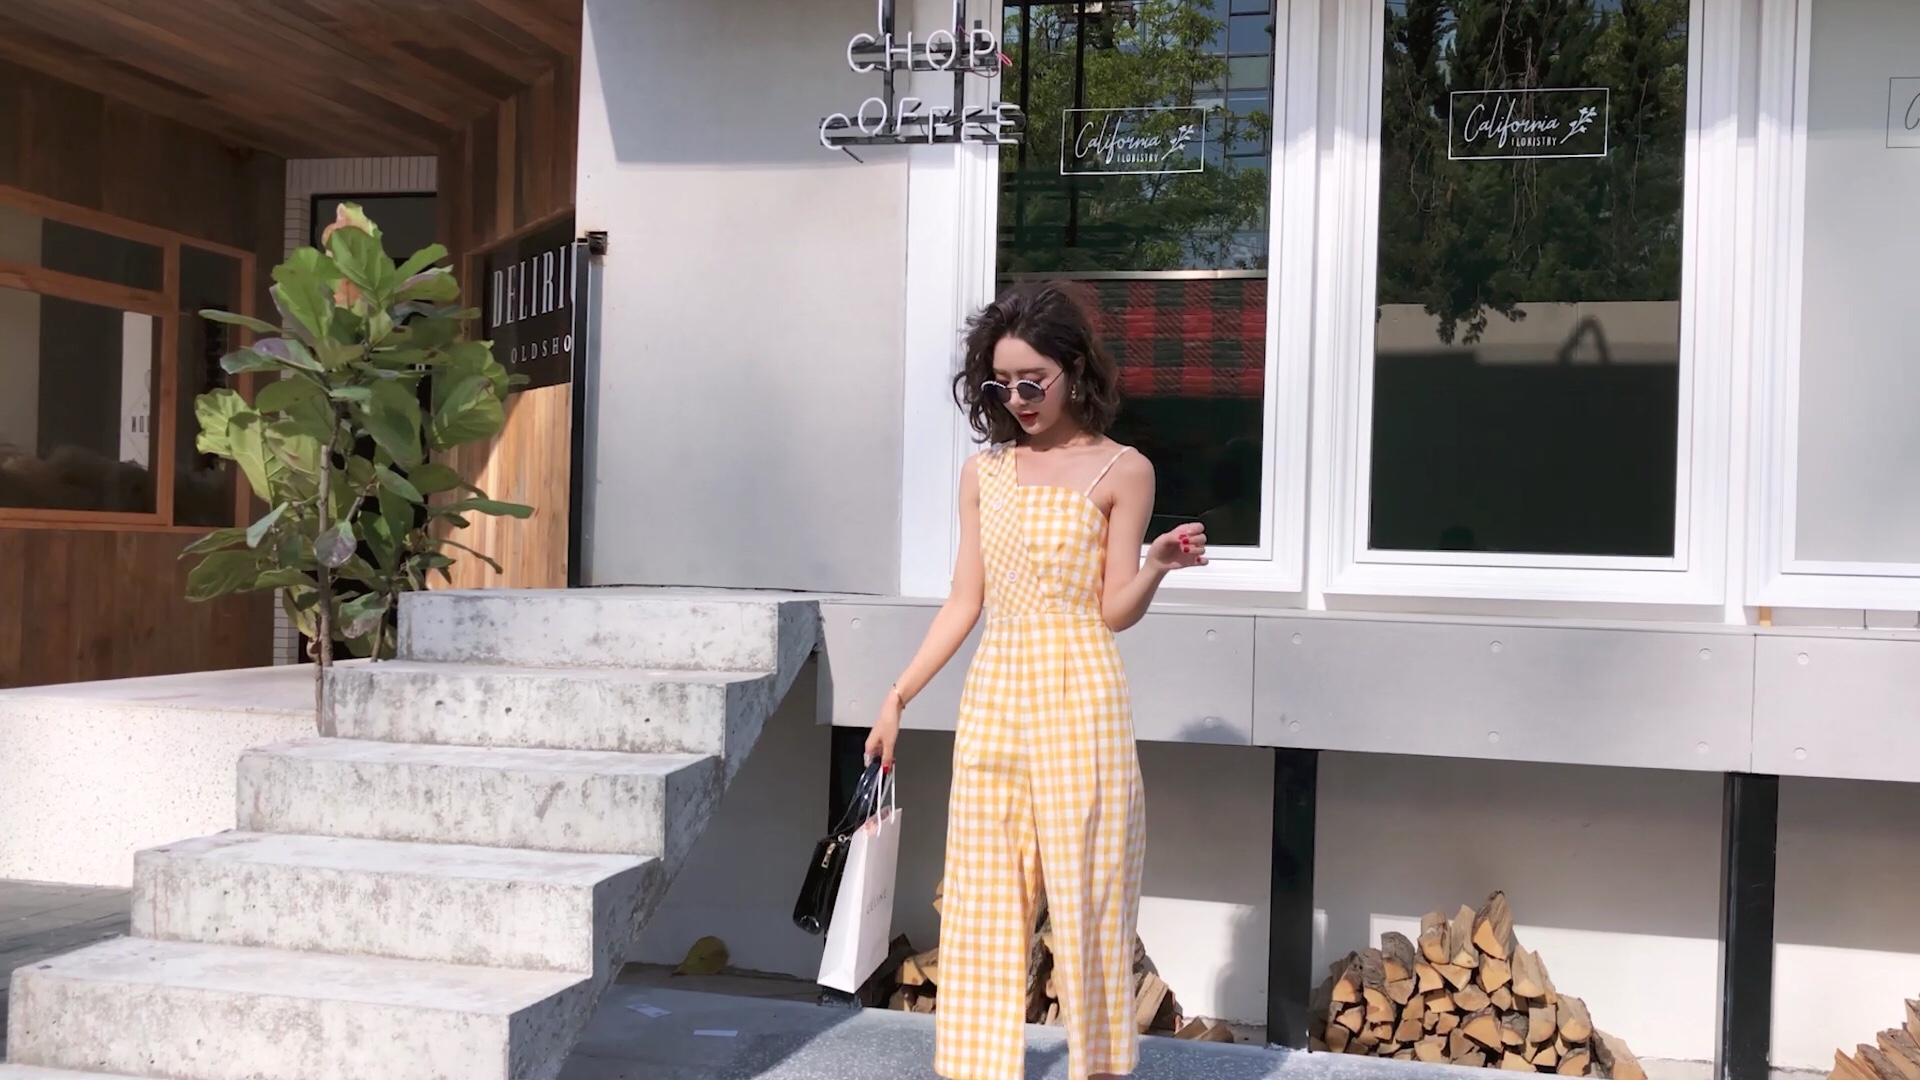 #防晒王!这条空气裤太好穿了#恋上那一片柠檬的黄 明亮的色彩,配上传统的格子 让这个夏日的自己熠熠发光 格子肩带斜裁设计和可调节 打造不一样的感觉